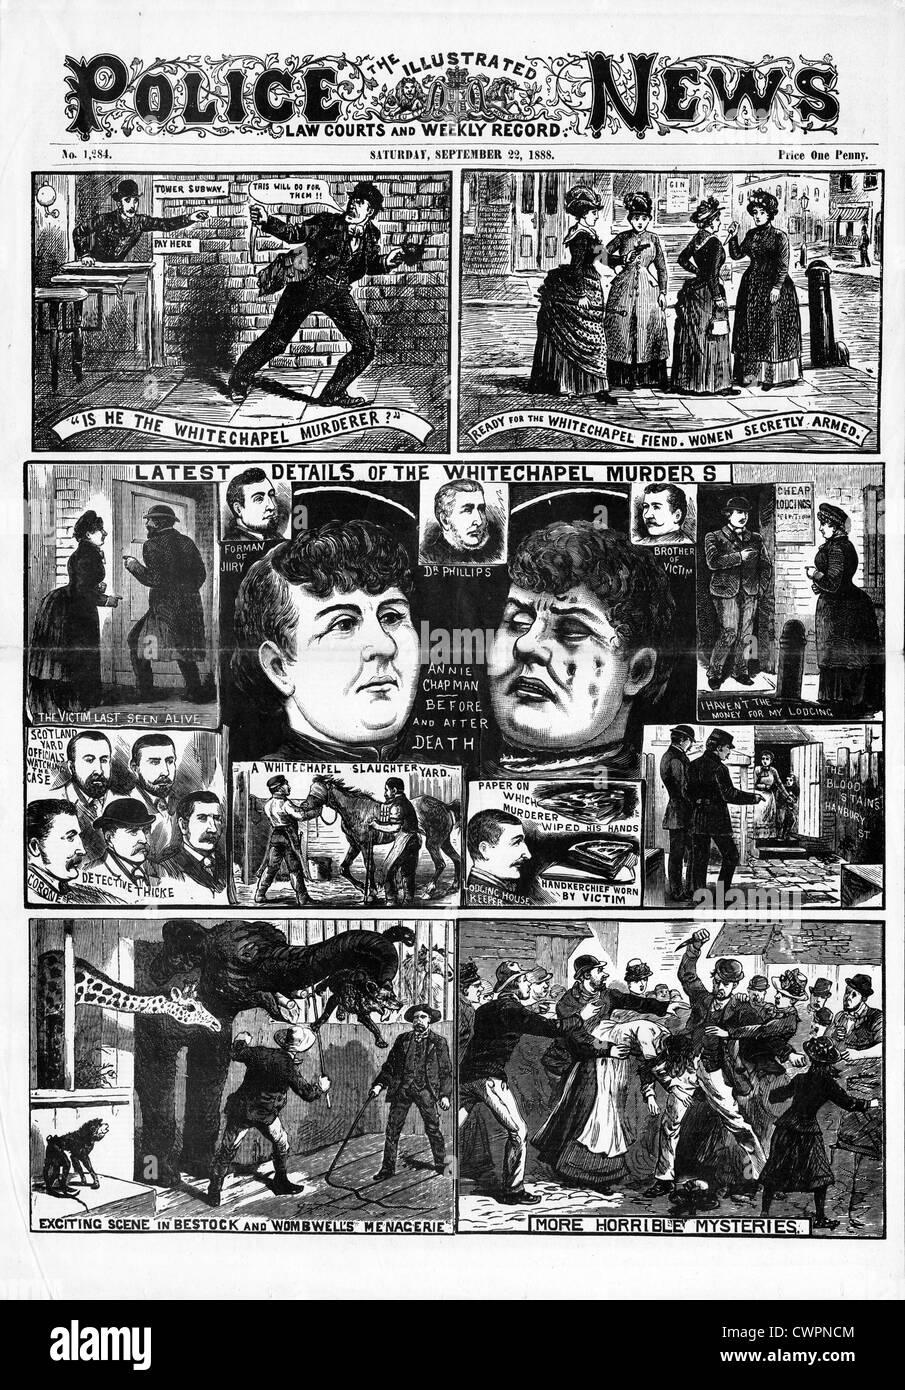 Jack The Ripper, Annie Chapman, la polizia News pagina anteriore segnalato la seconda vittima del Vittoriano serial Immagini Stock